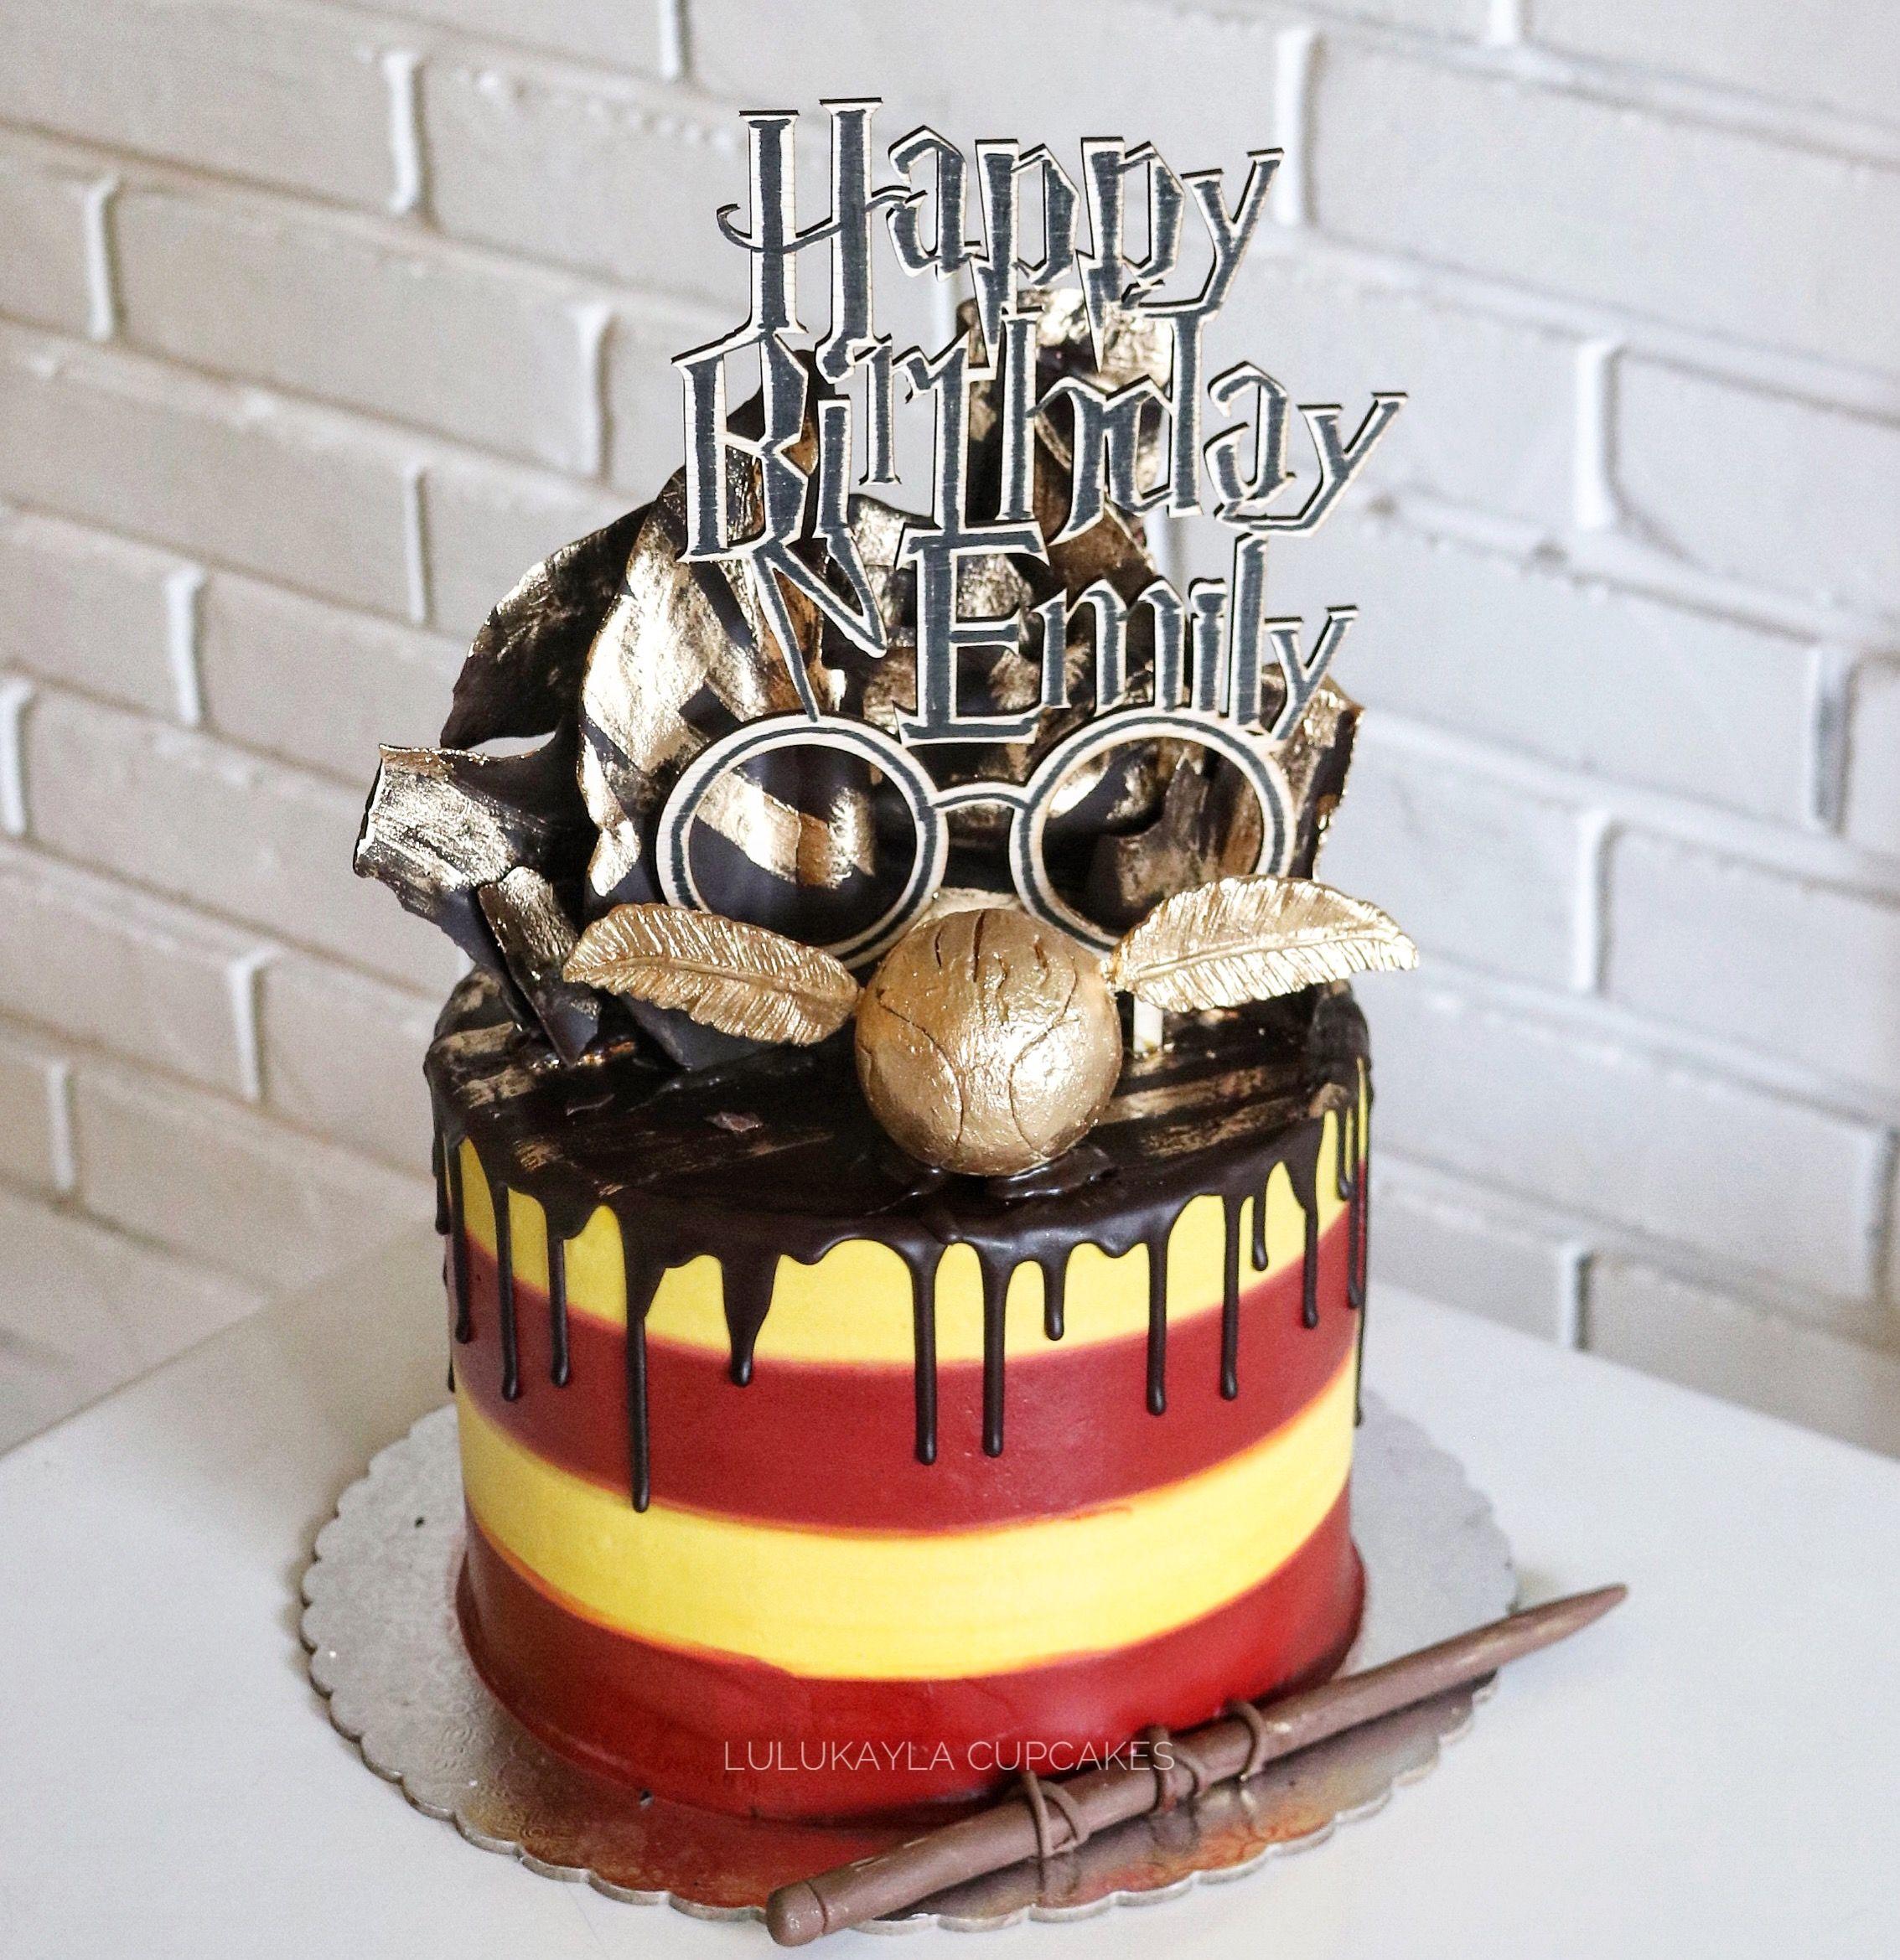 Harry potter buttercream cake Harry potter birthday cake